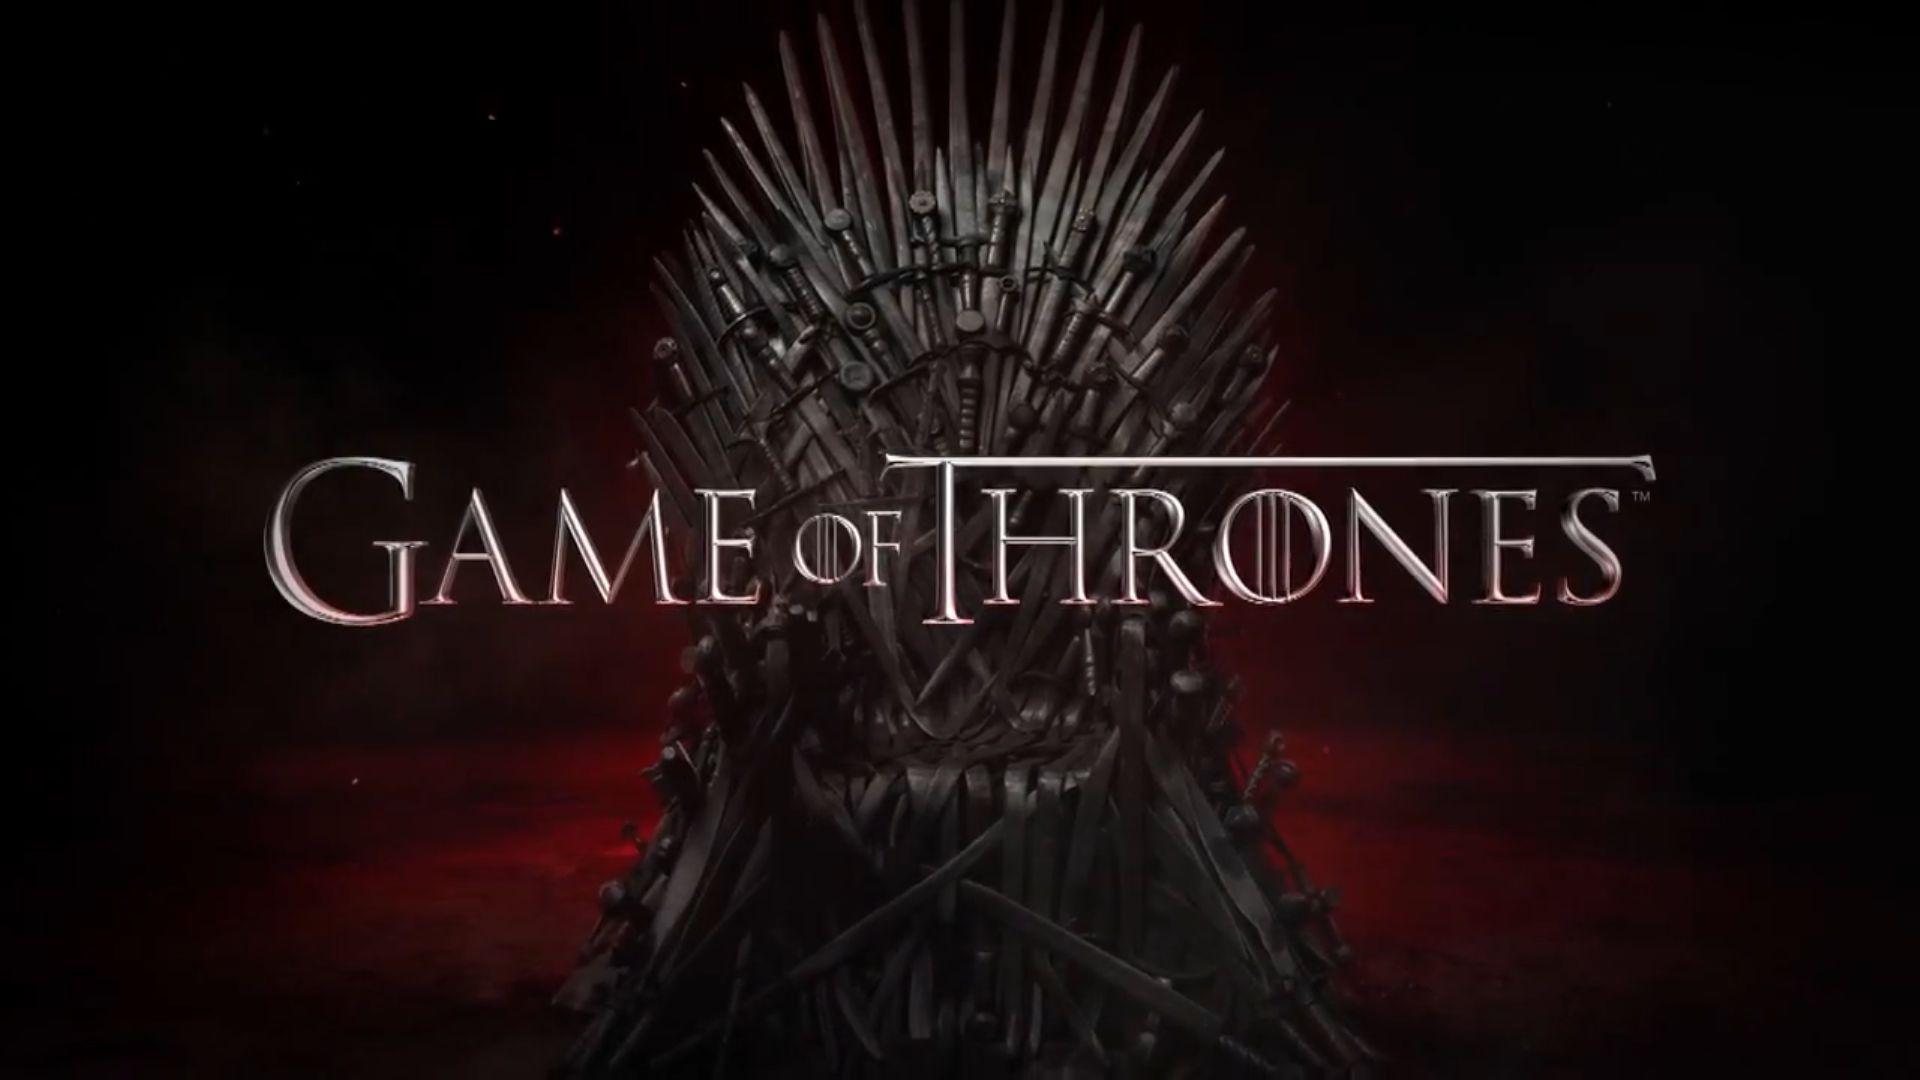 Ներկայացնում ենք «Game of Thrones» հեռուստասերիալի 5-րդ եթերաշրջանի ամբողջական թրեյլերը